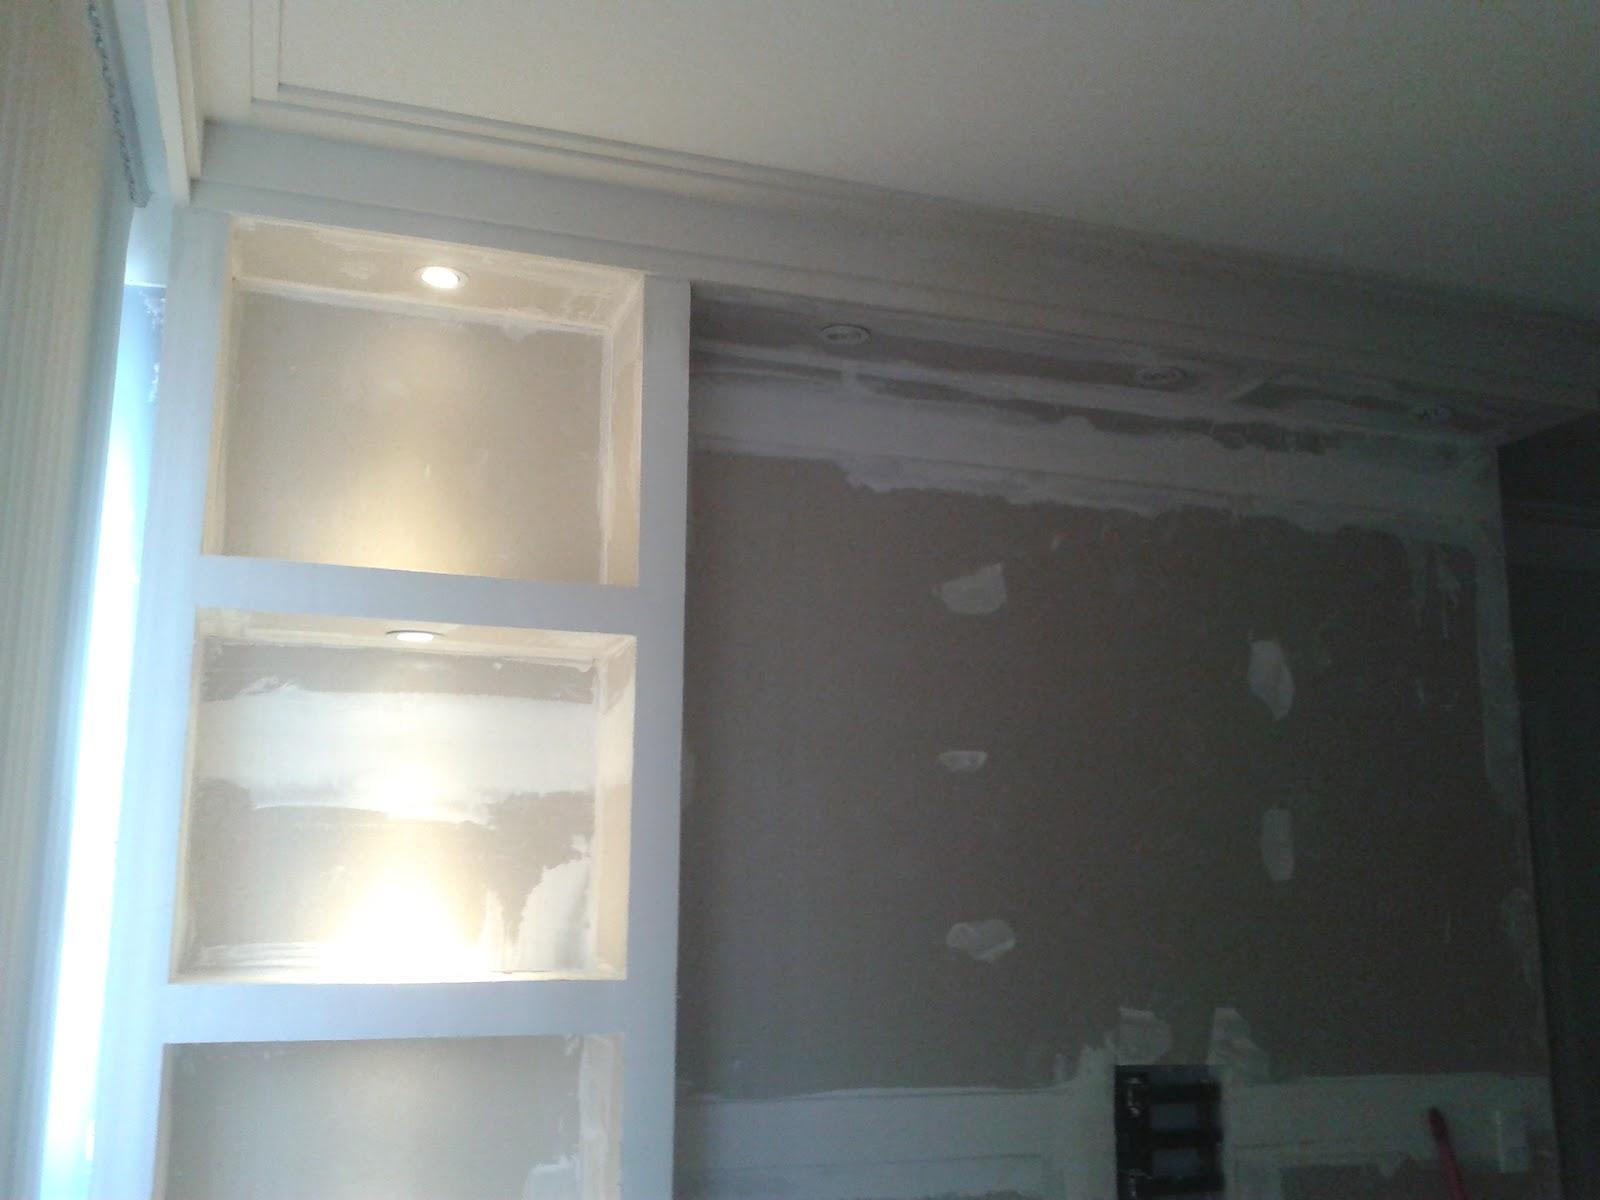 estante para embutir TV (parede falsa) com nichos e sanca fechada e  #536C78 1600x1200 Banheiro Com Gesso Acartonado